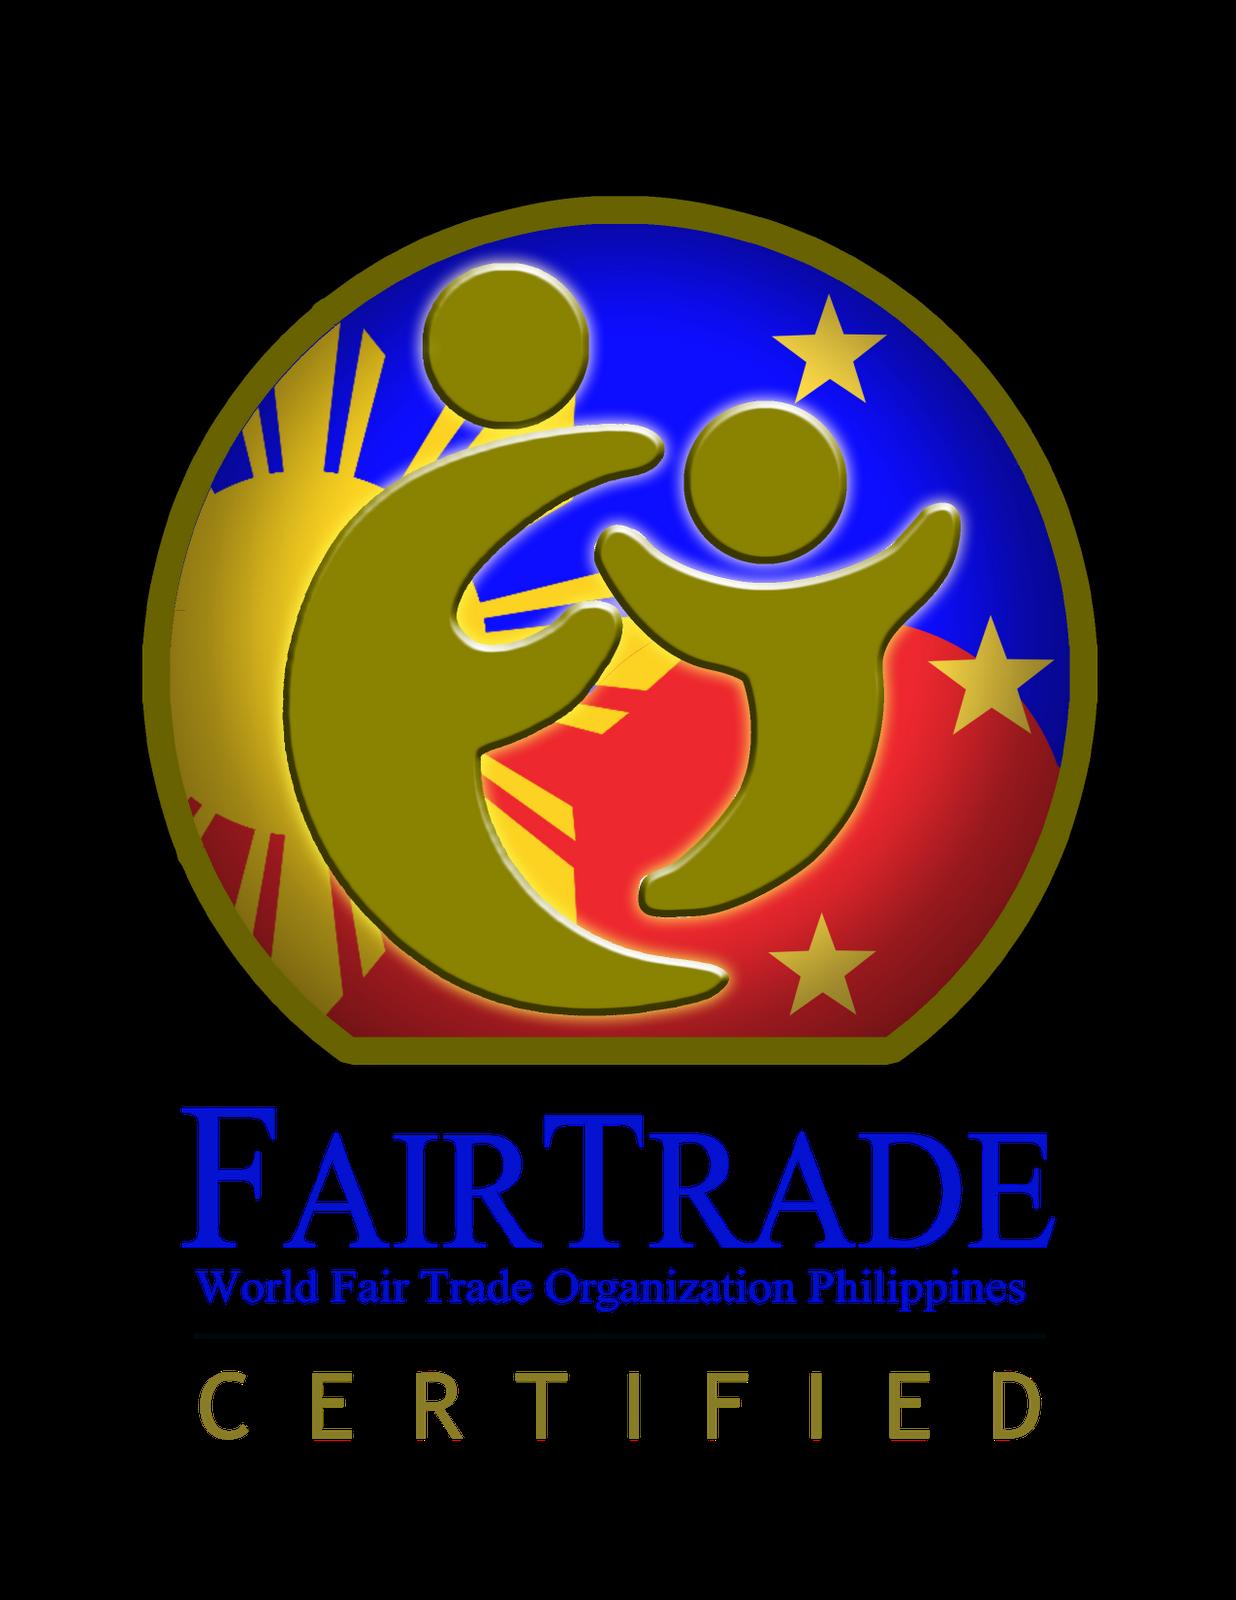 Wfto fairtrade system